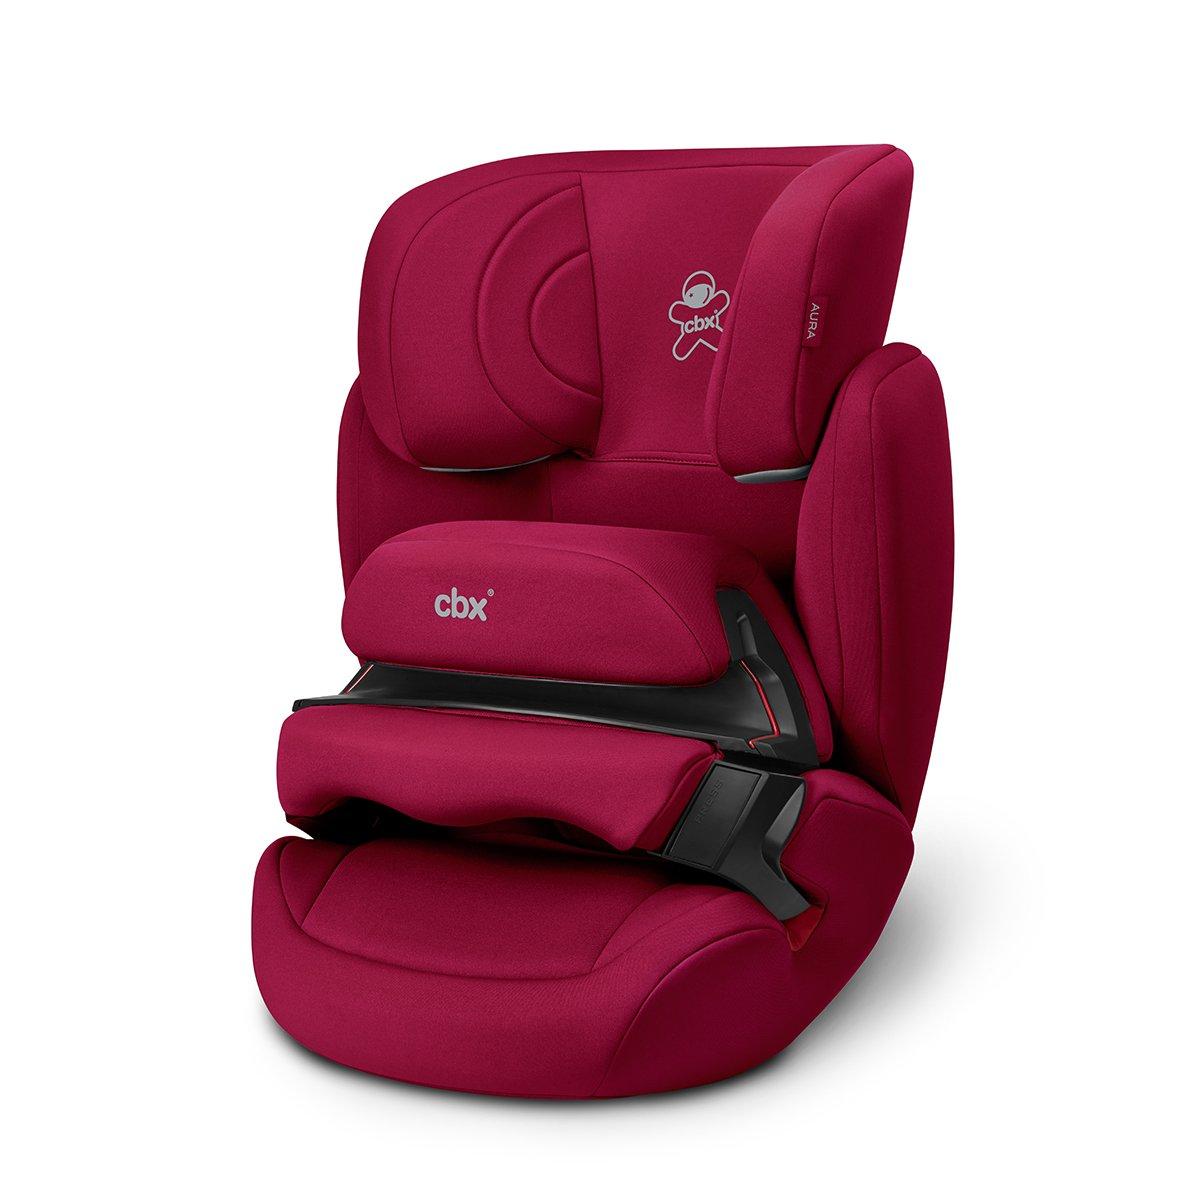 cbx Kinder-Autositz Aura, Gruppe 1/2/3 (9-36 kg), Ab ca. 9 Monate bis ca. 12 Jahre, Ohne ISOFIX, Crunchy Red 518001589